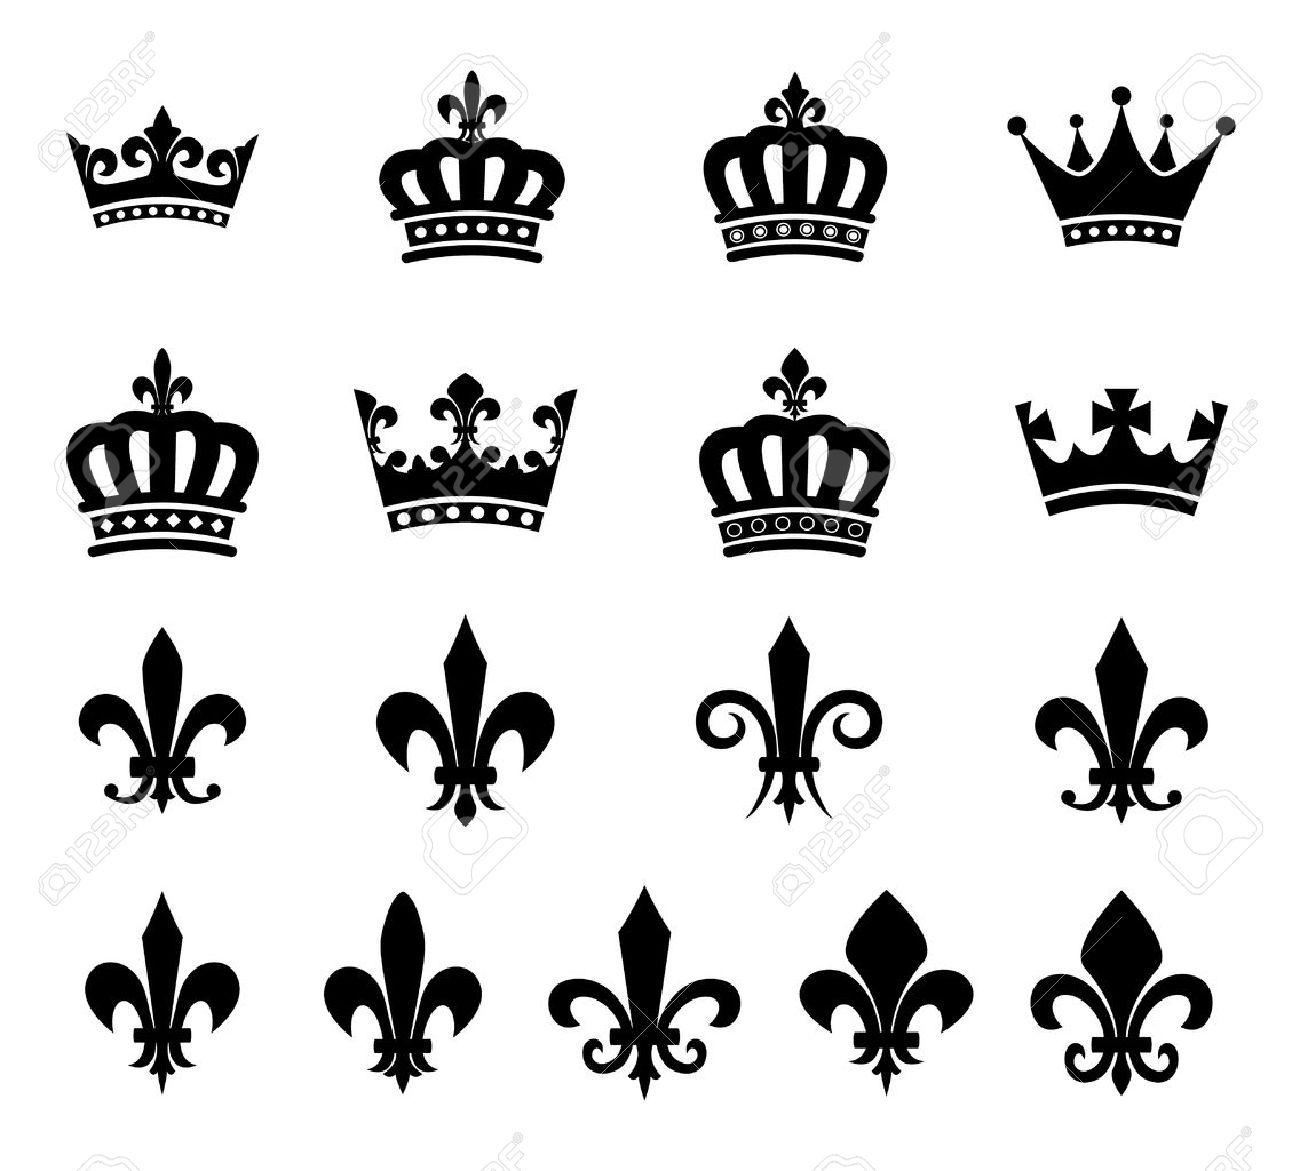 Set Of Crown And Fleur De Lis Design Elements